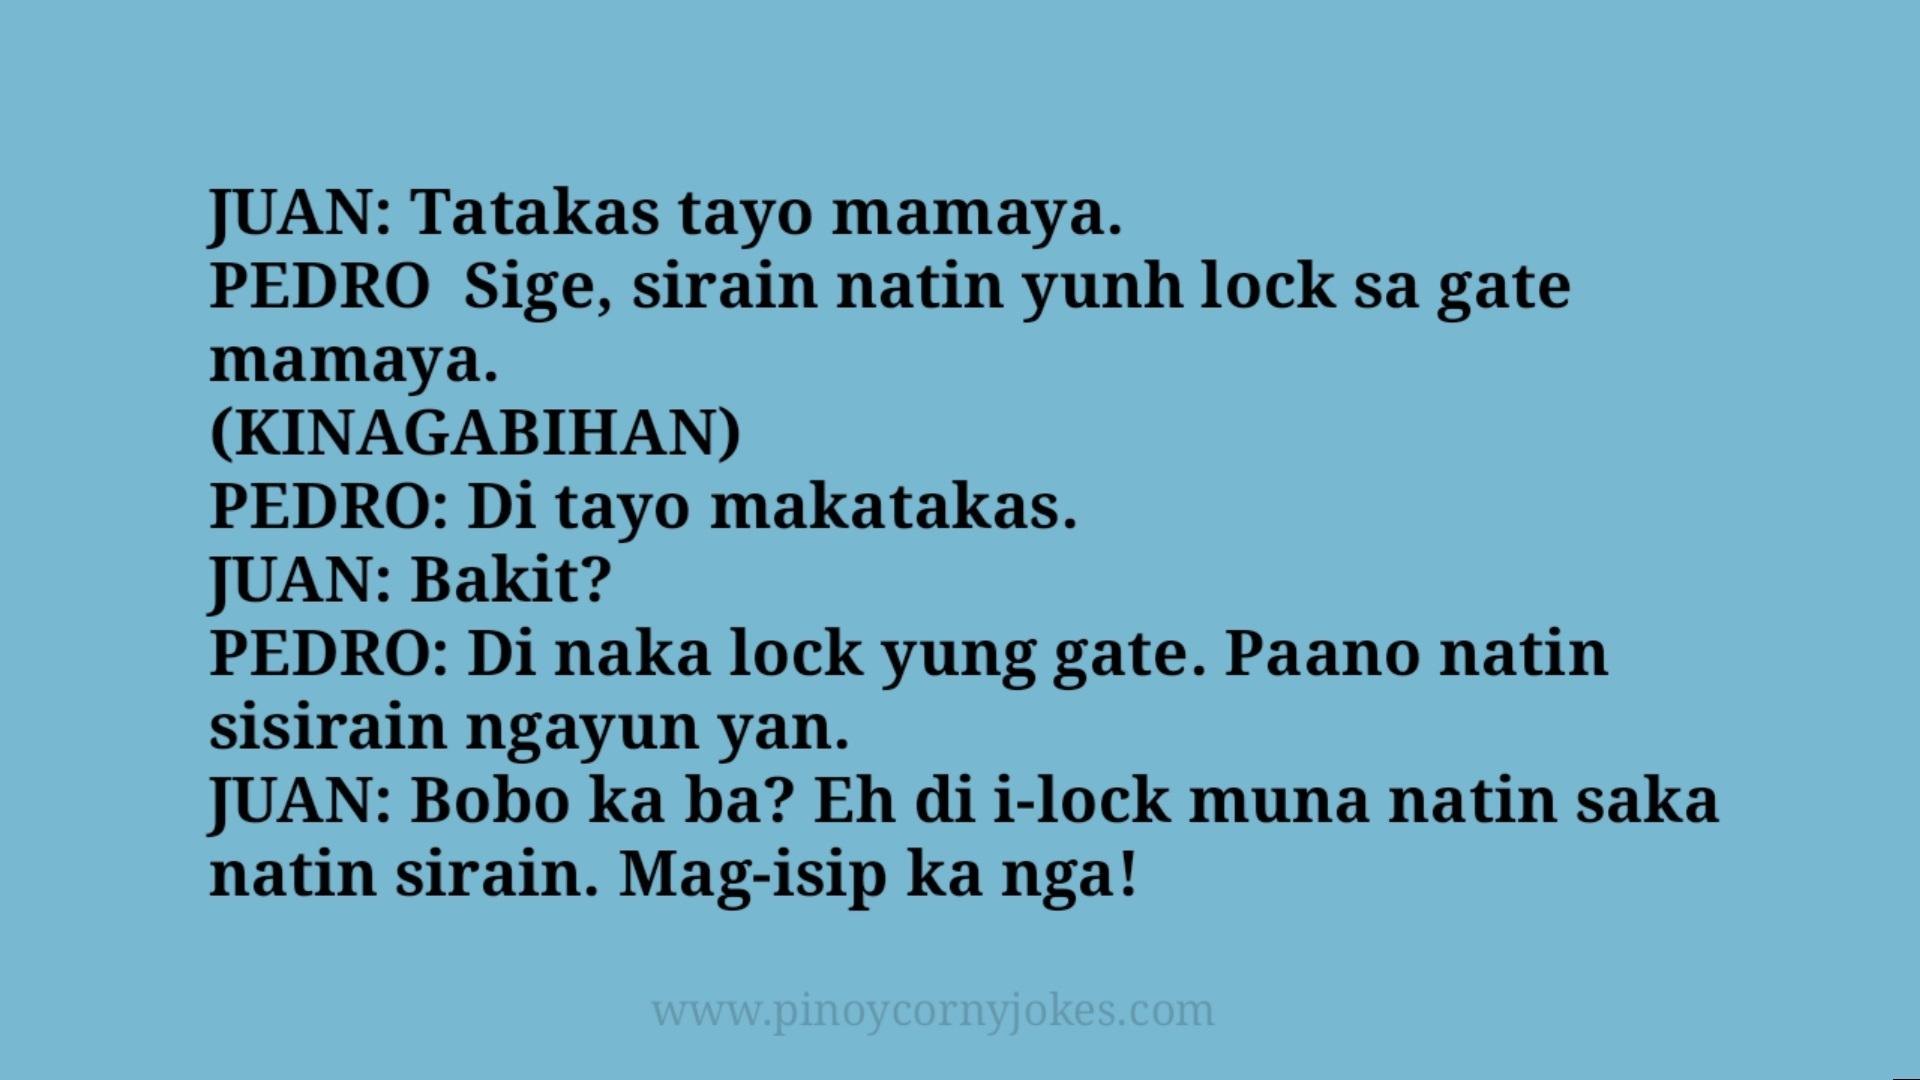 tatakas pinoy corny jokes tanga